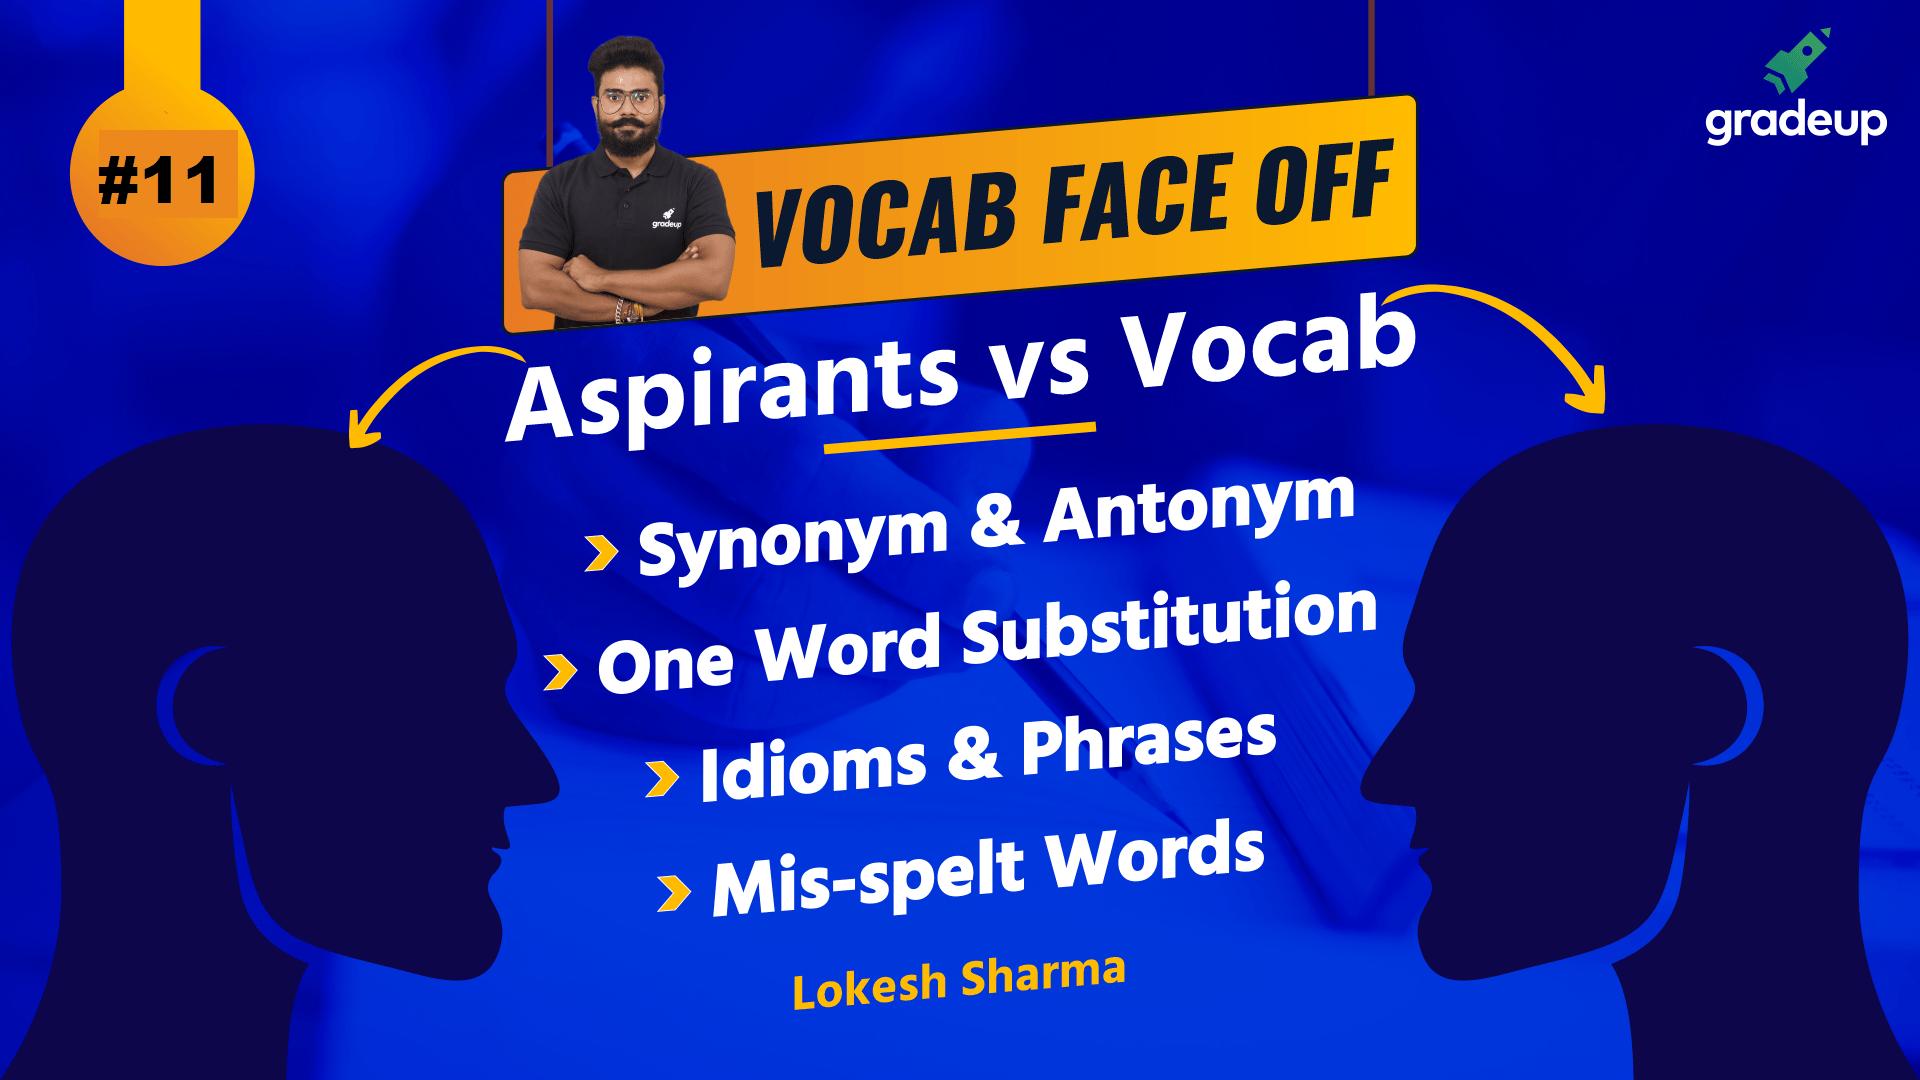 Vocab Faceoff - Aspirants Vs Vocab: Class 11